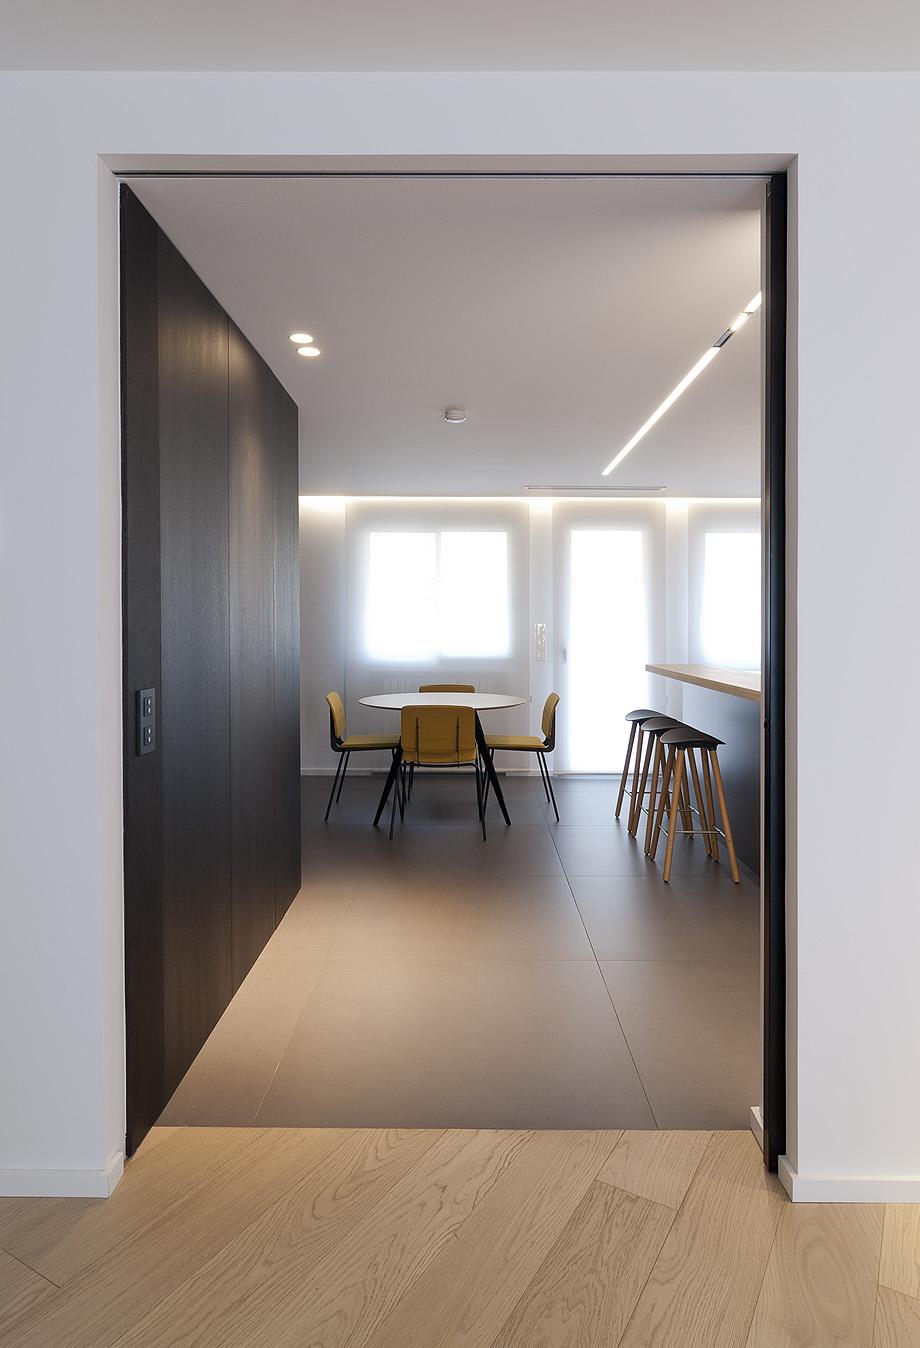 vivienda de classico45 - foto pepe bermejo (6)